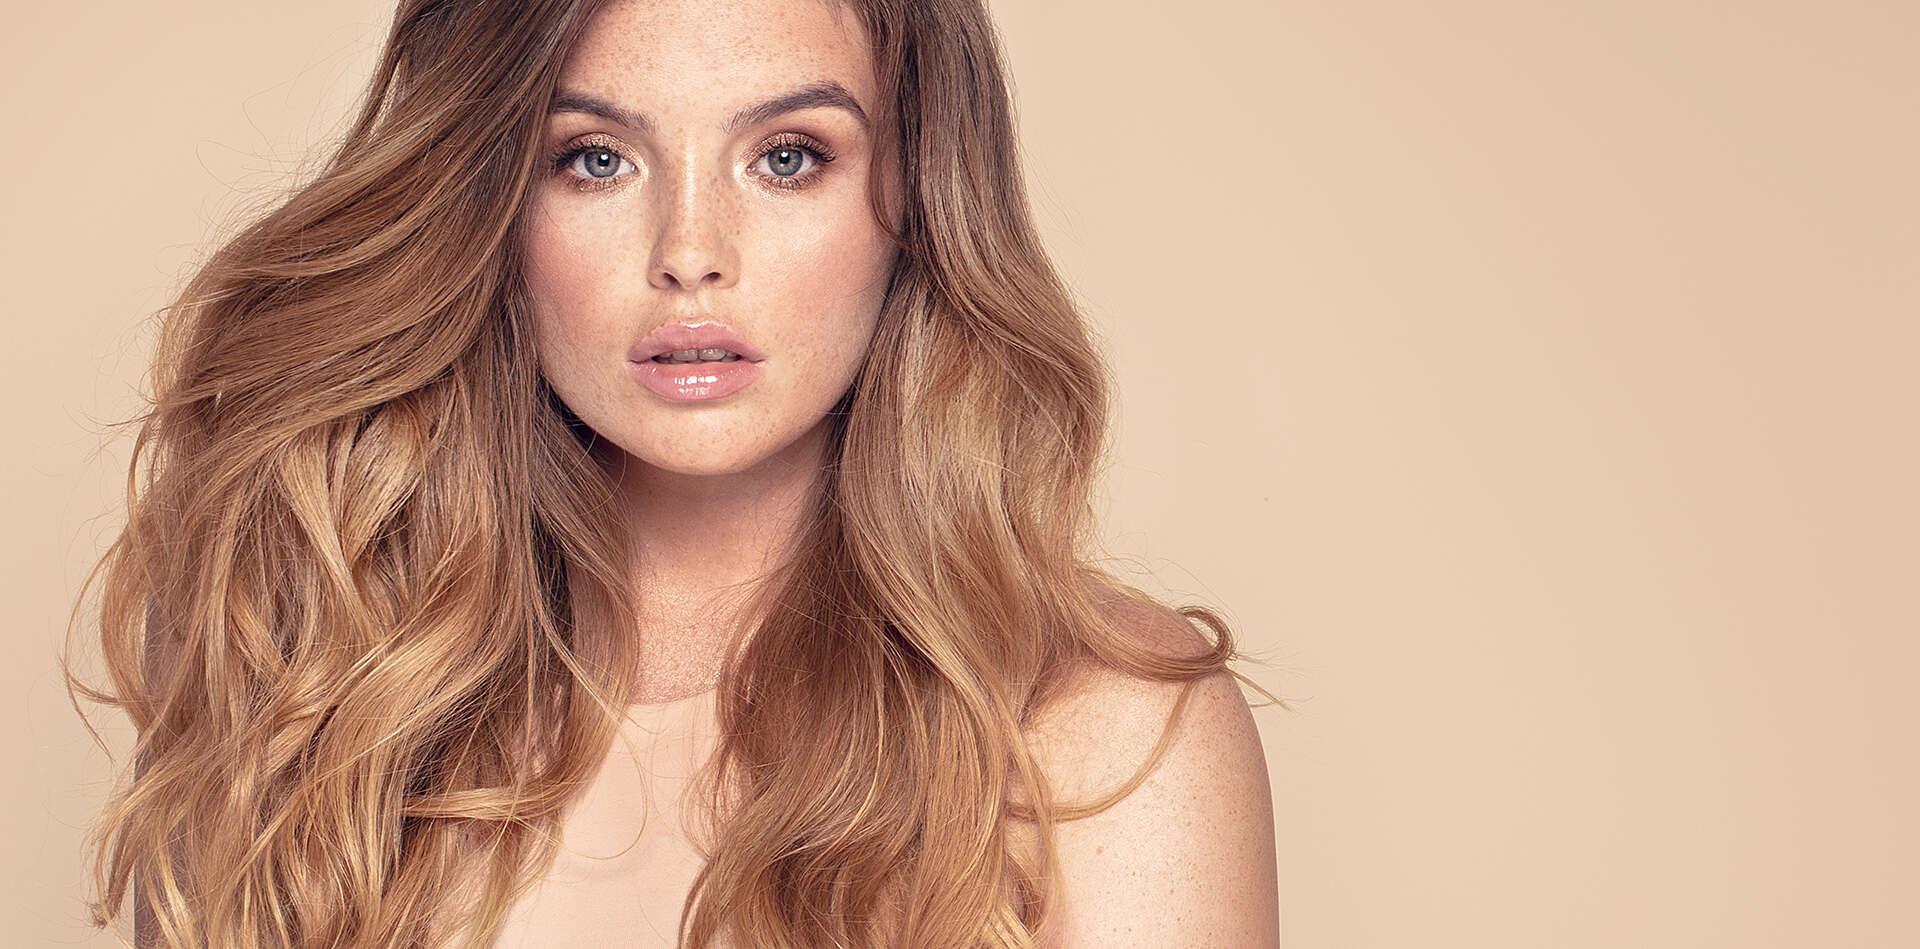 Farbenie obočia, kúra pre silnejšie a kvalitnejšie vlasy alebo zvodné pery vďaka BB lip Blush